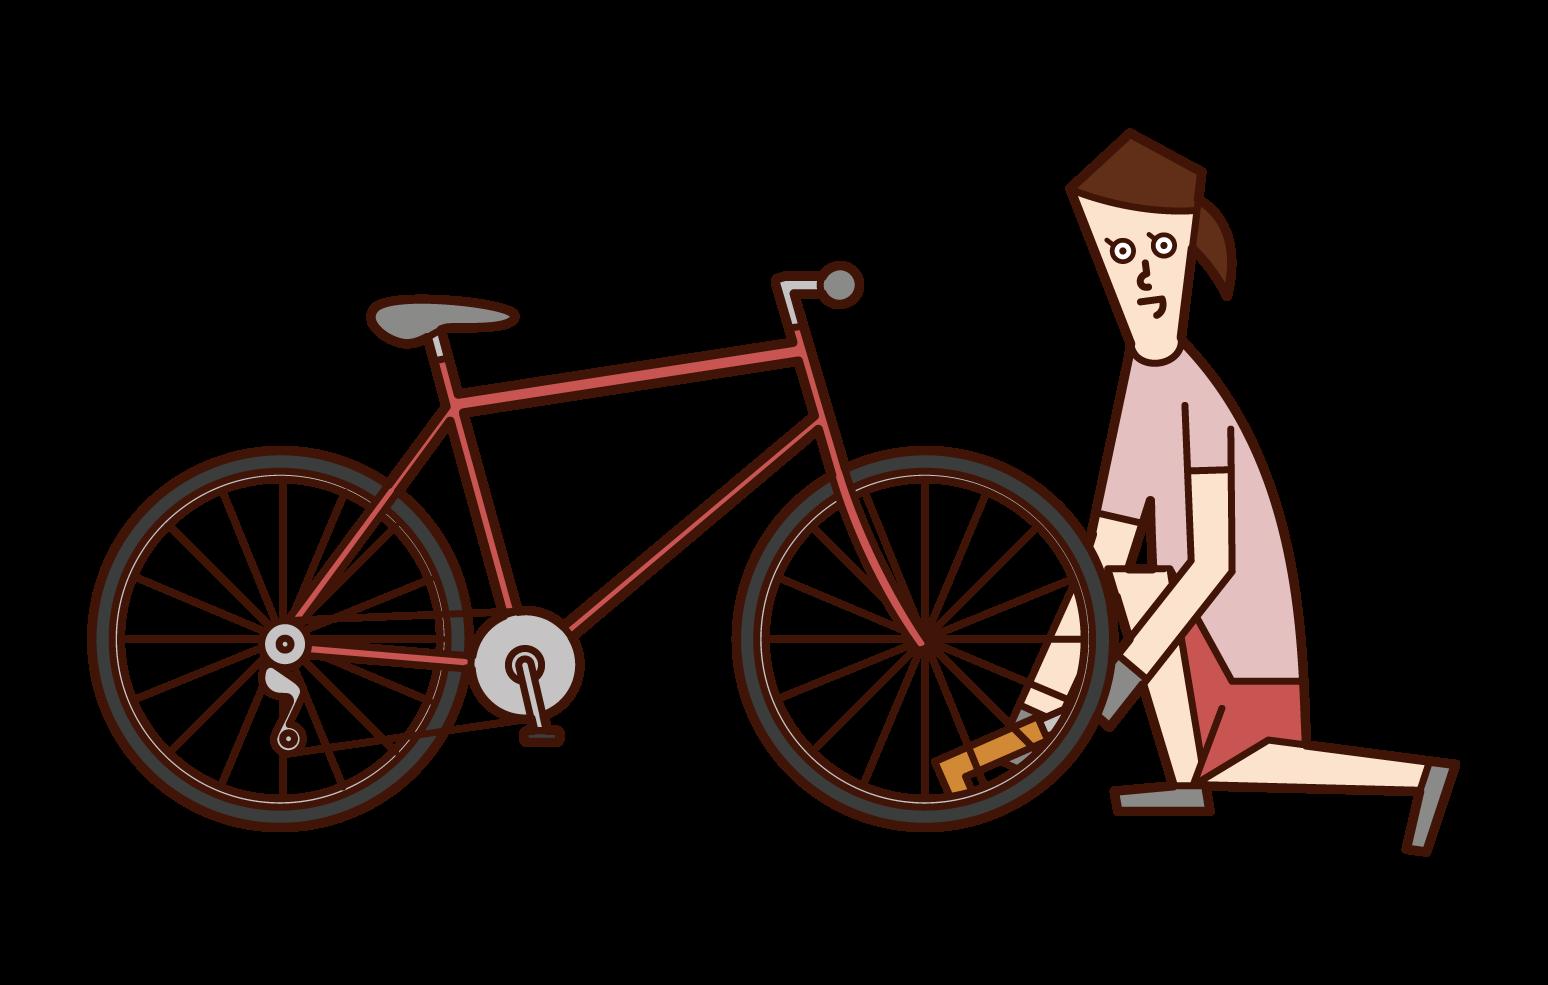 자전거 타이어에 공기를 넣은 사람(여성)의 일러스트